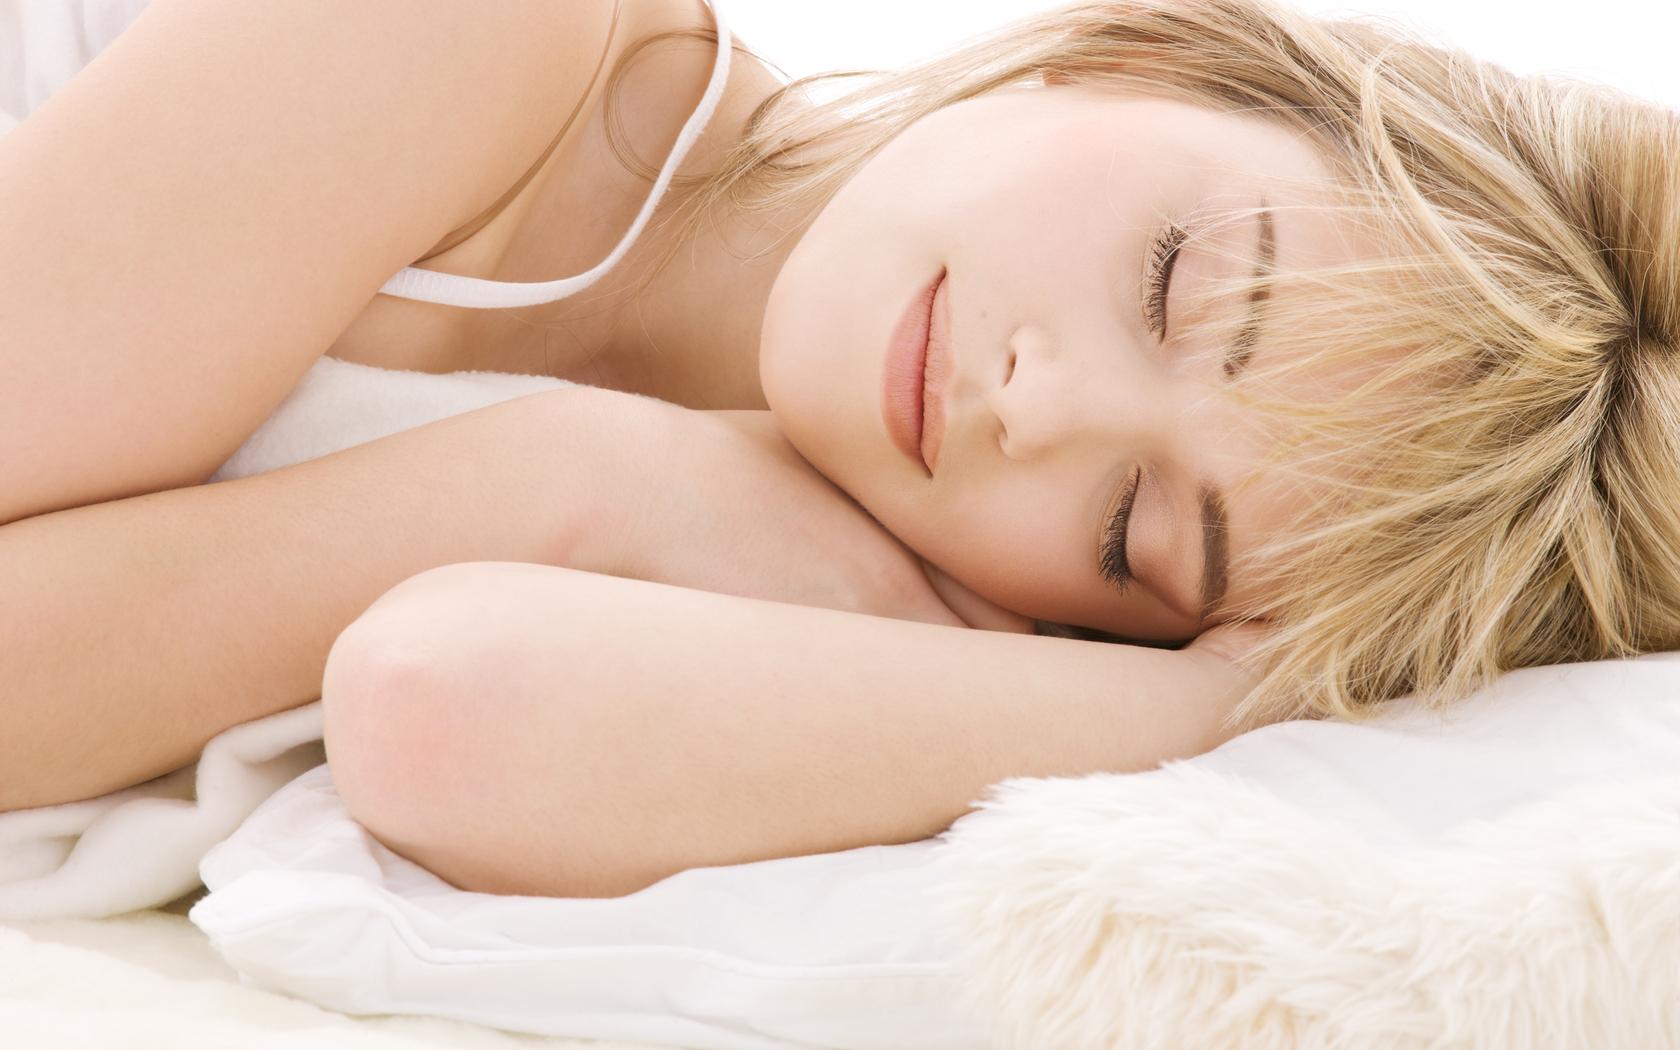 Спящая девушка дома 21 фотография